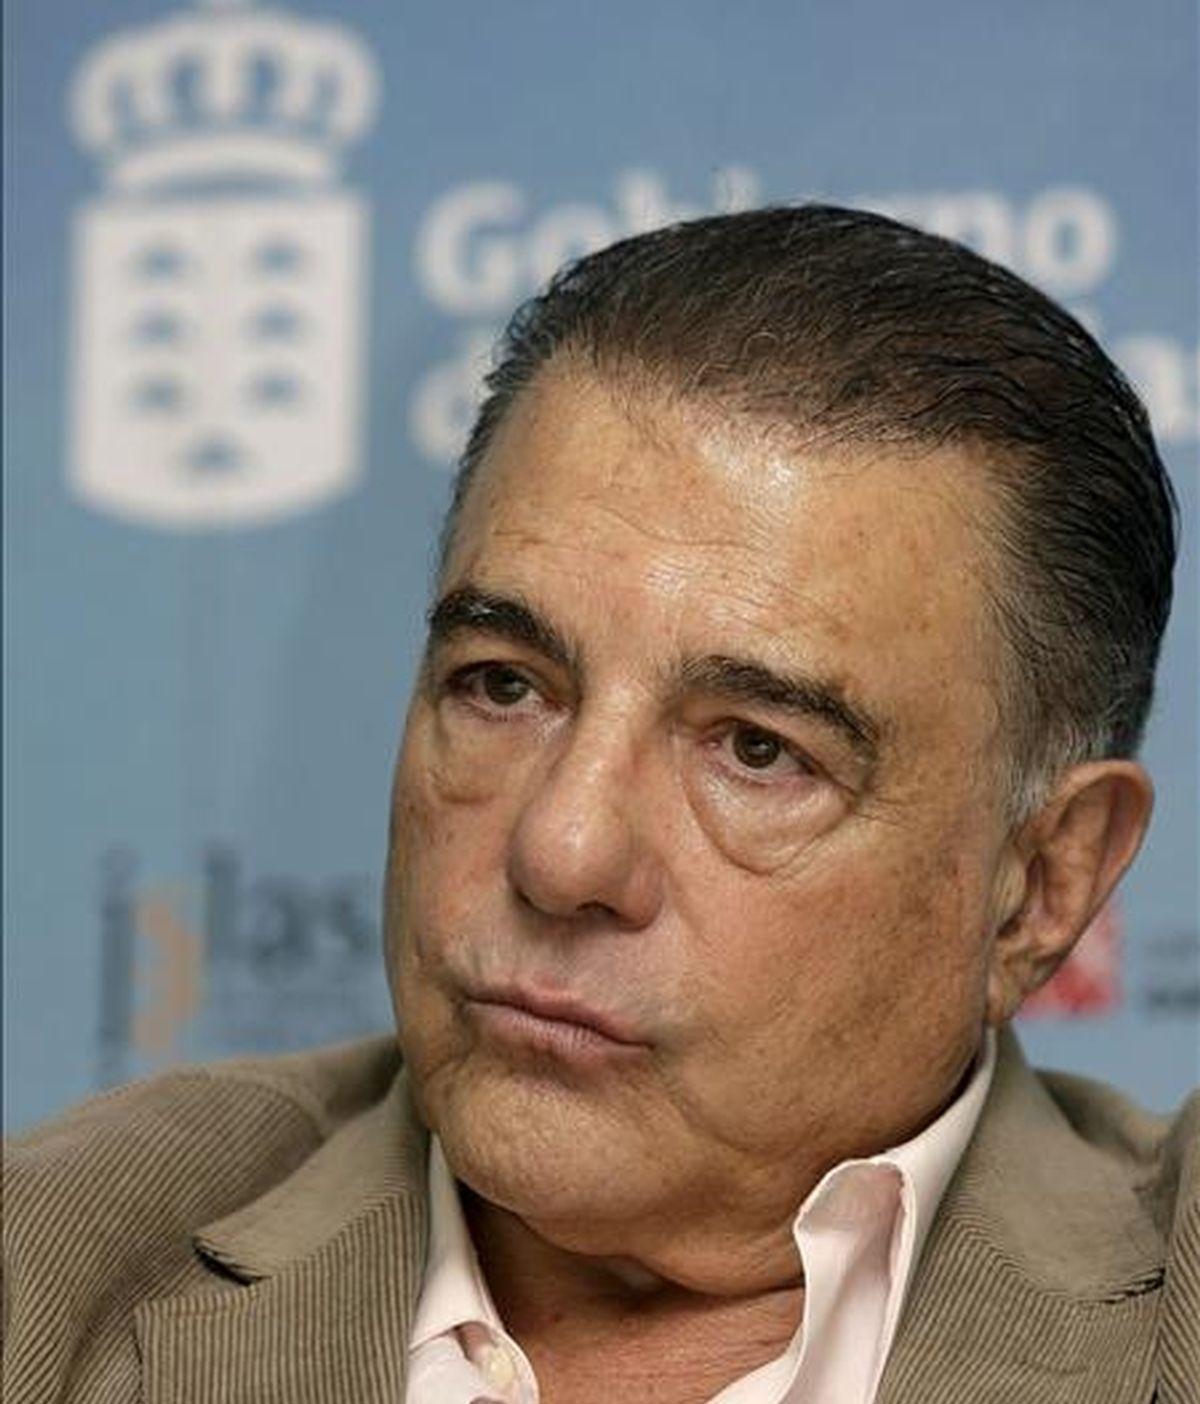 El actor Juan Luis Galiardo. EFE/Archivo